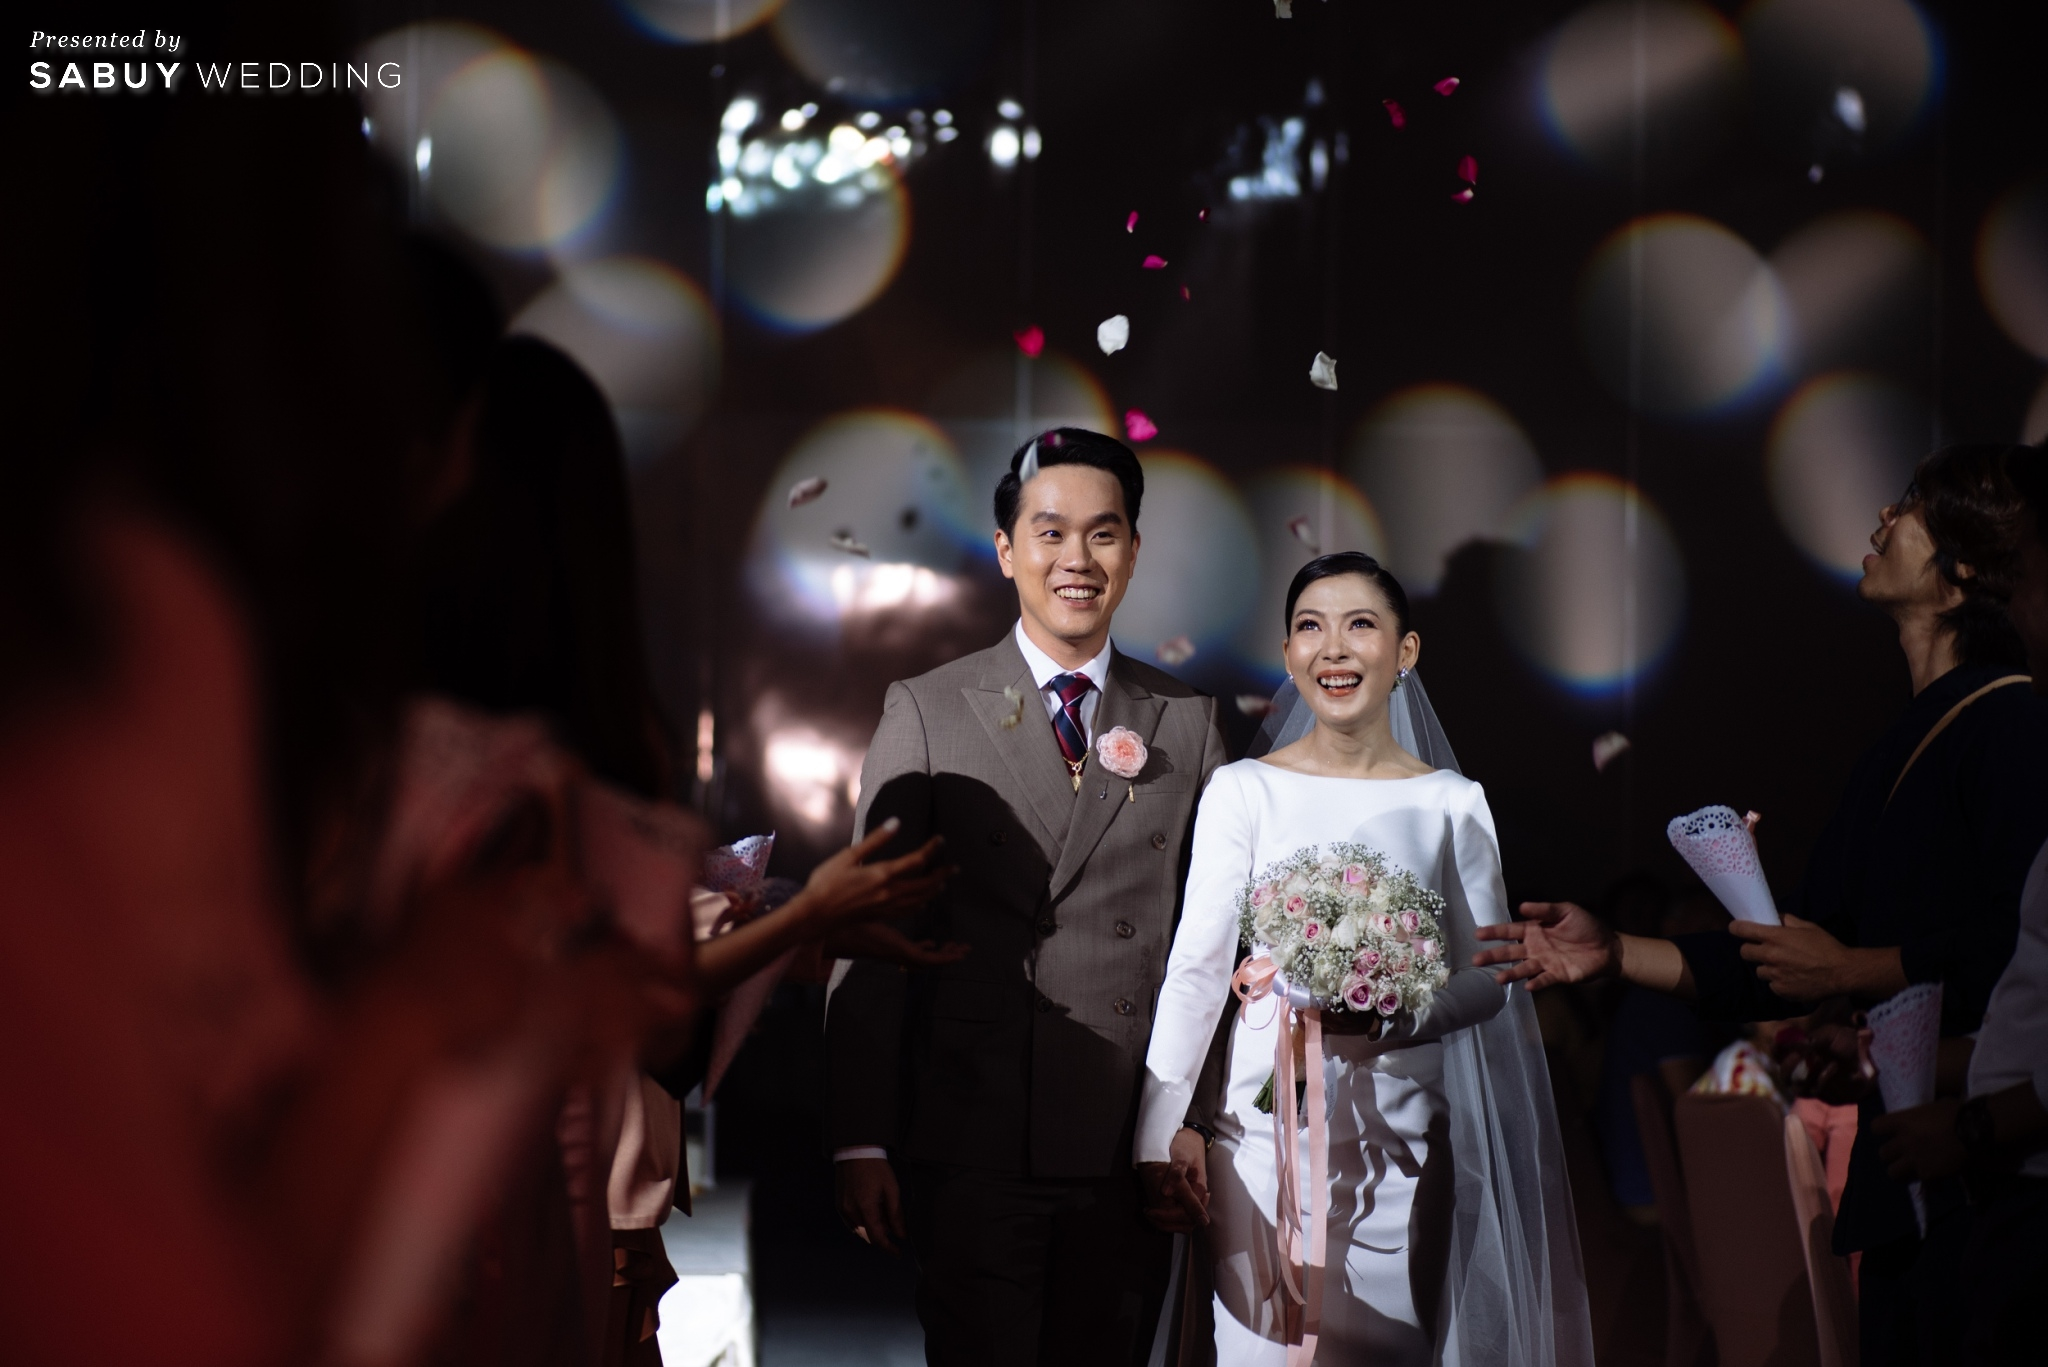 งานแต่งงาน รีวิวงานแต่ง 2 สถานที่ สวยดูดีสไตล์ Vintage Chinese Modern @ หอประชุมศาลเจ้าแม่ทับทิม